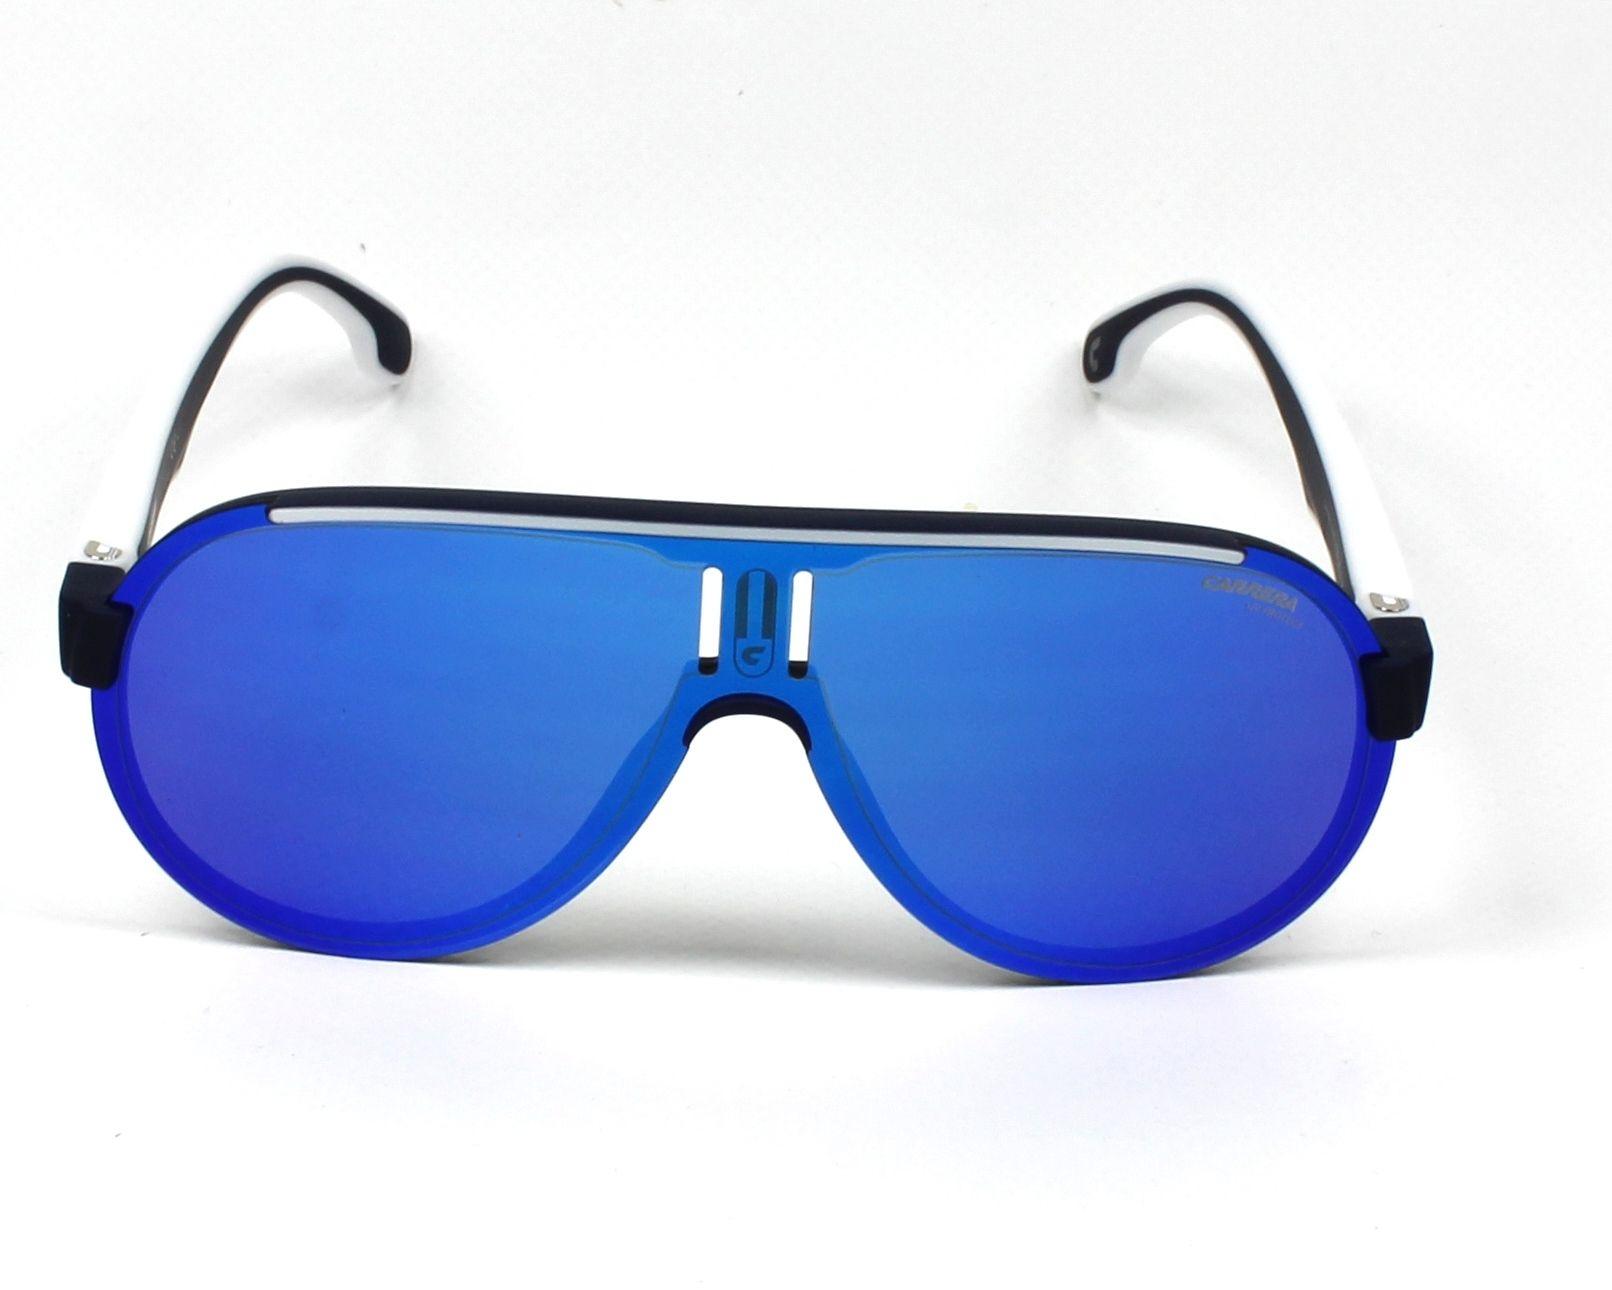 257ce65da4 Gafas de sol Carrera 1008-S RCT/Z0 99- Azul Blanco vista de